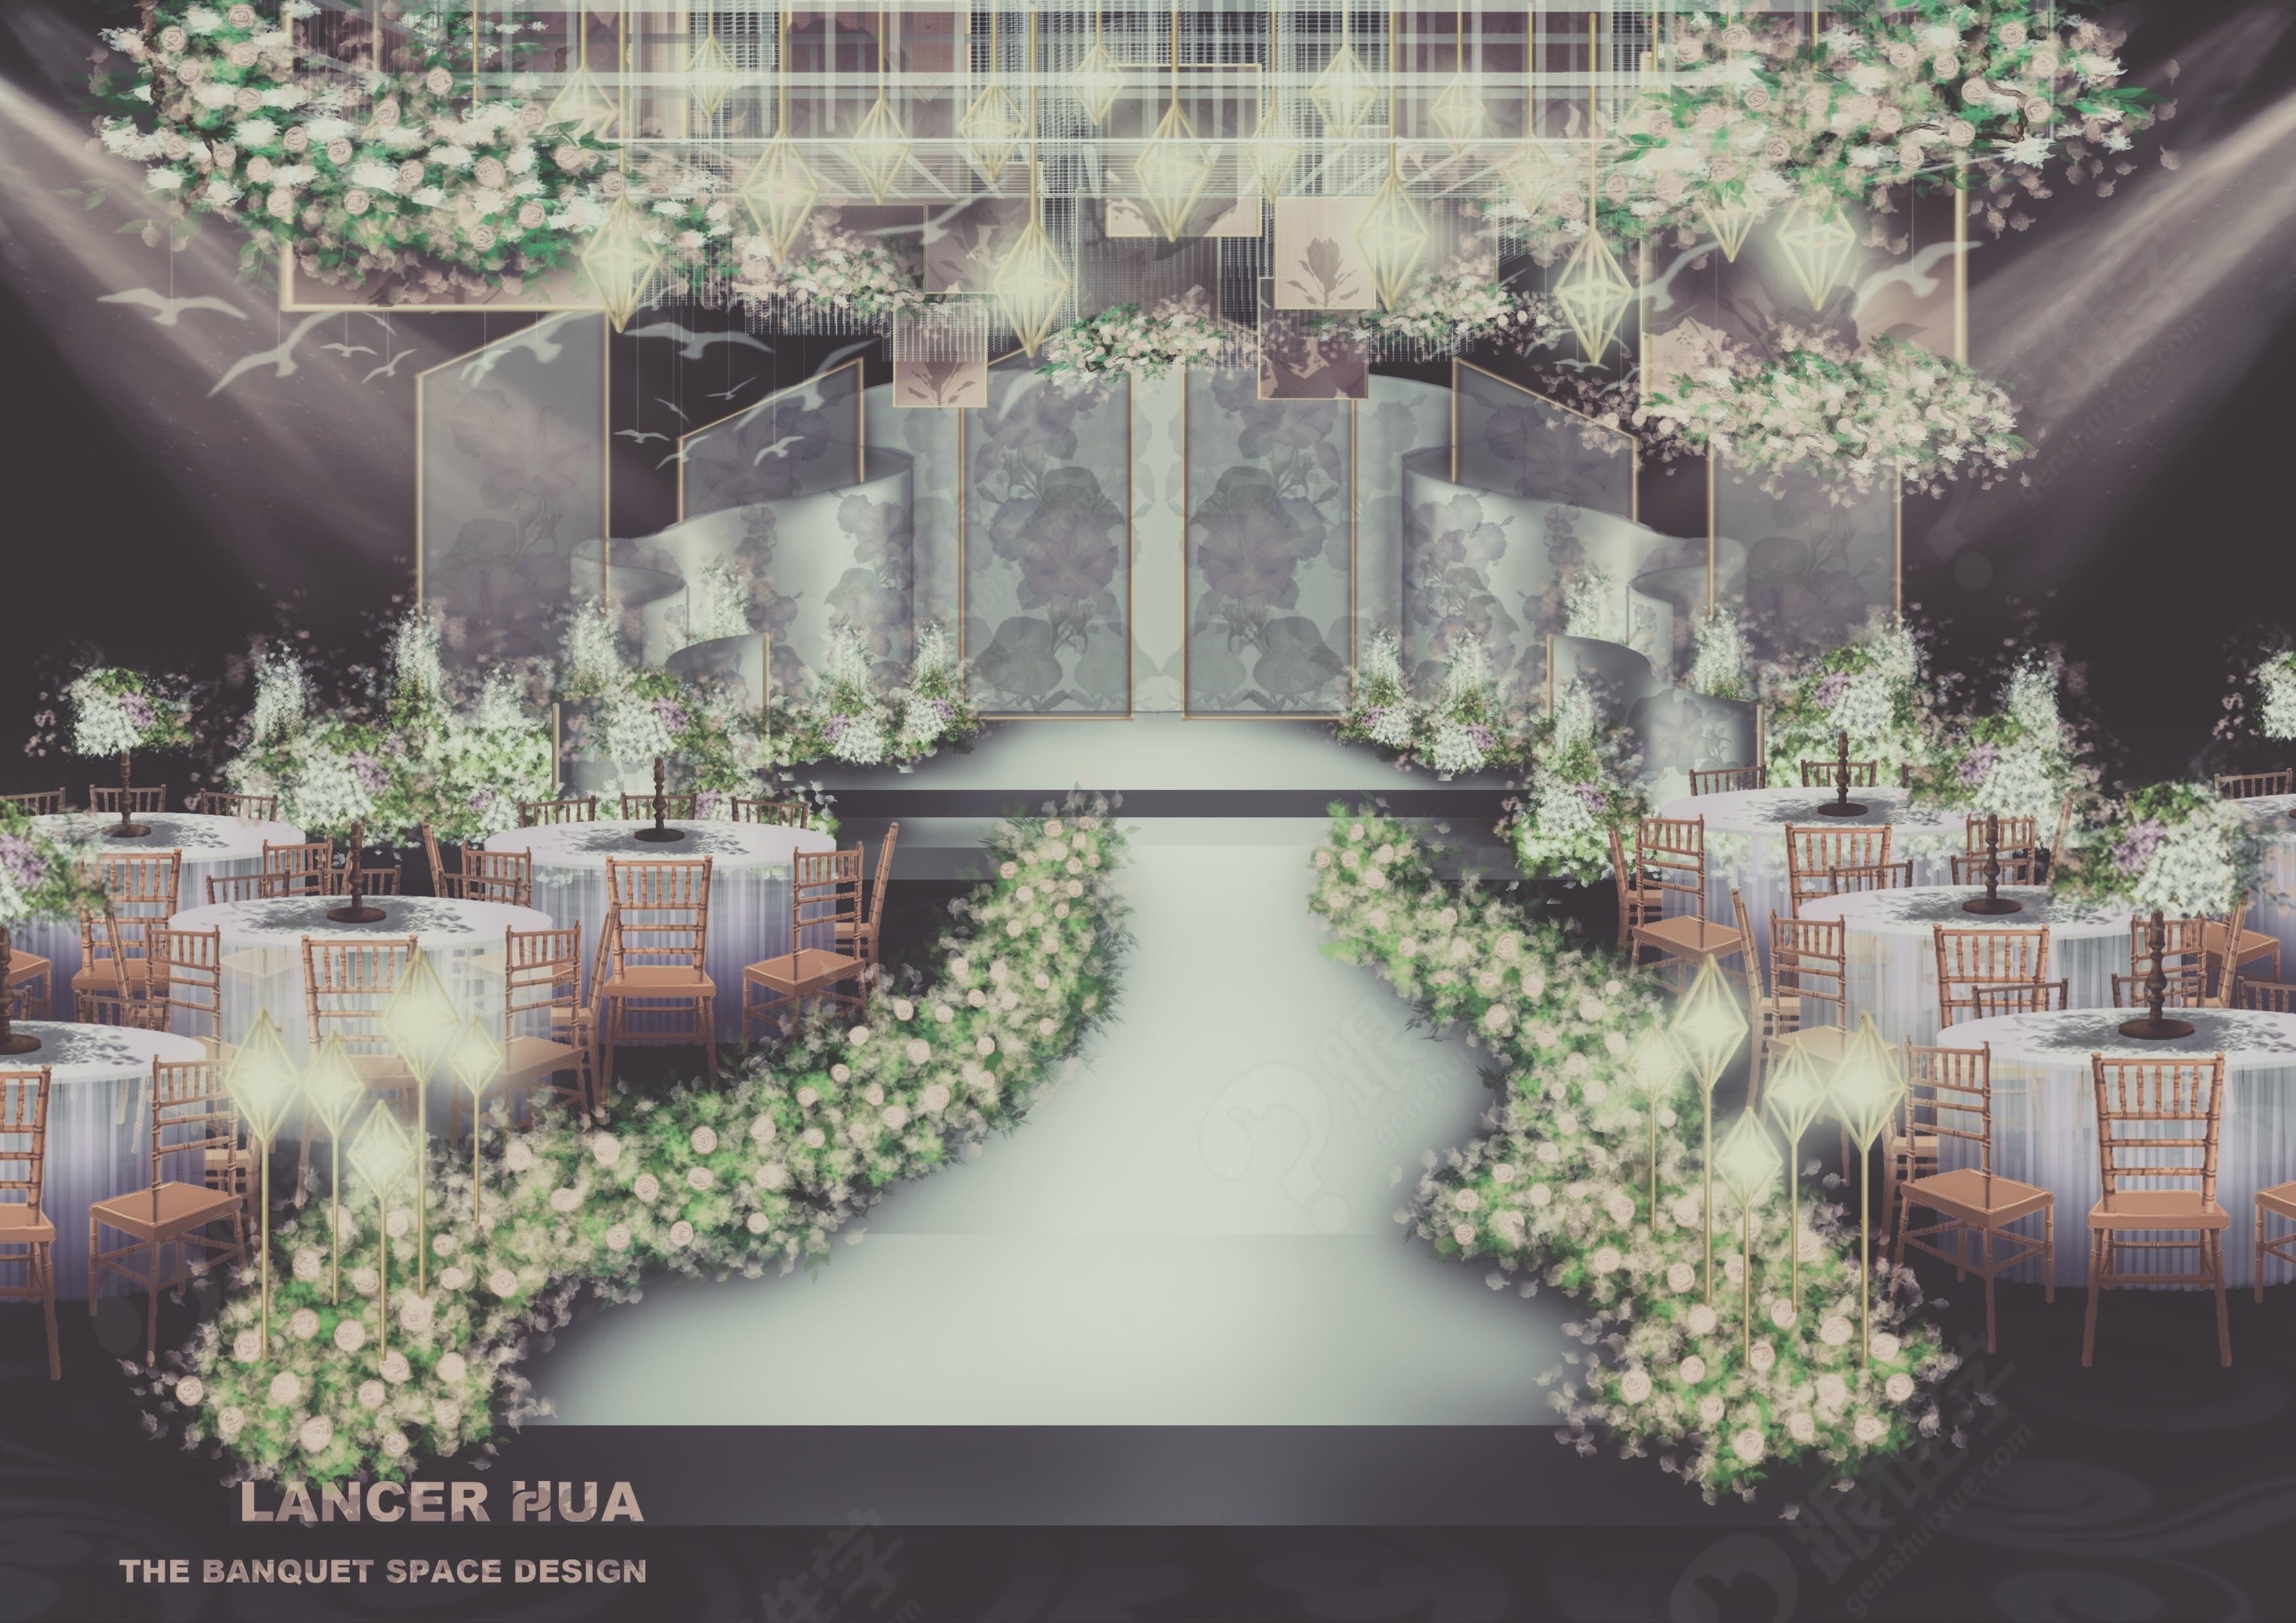 第一章:婚礼设计概念与创意思路 第二章:婚礼手绘教学准备&单体物体